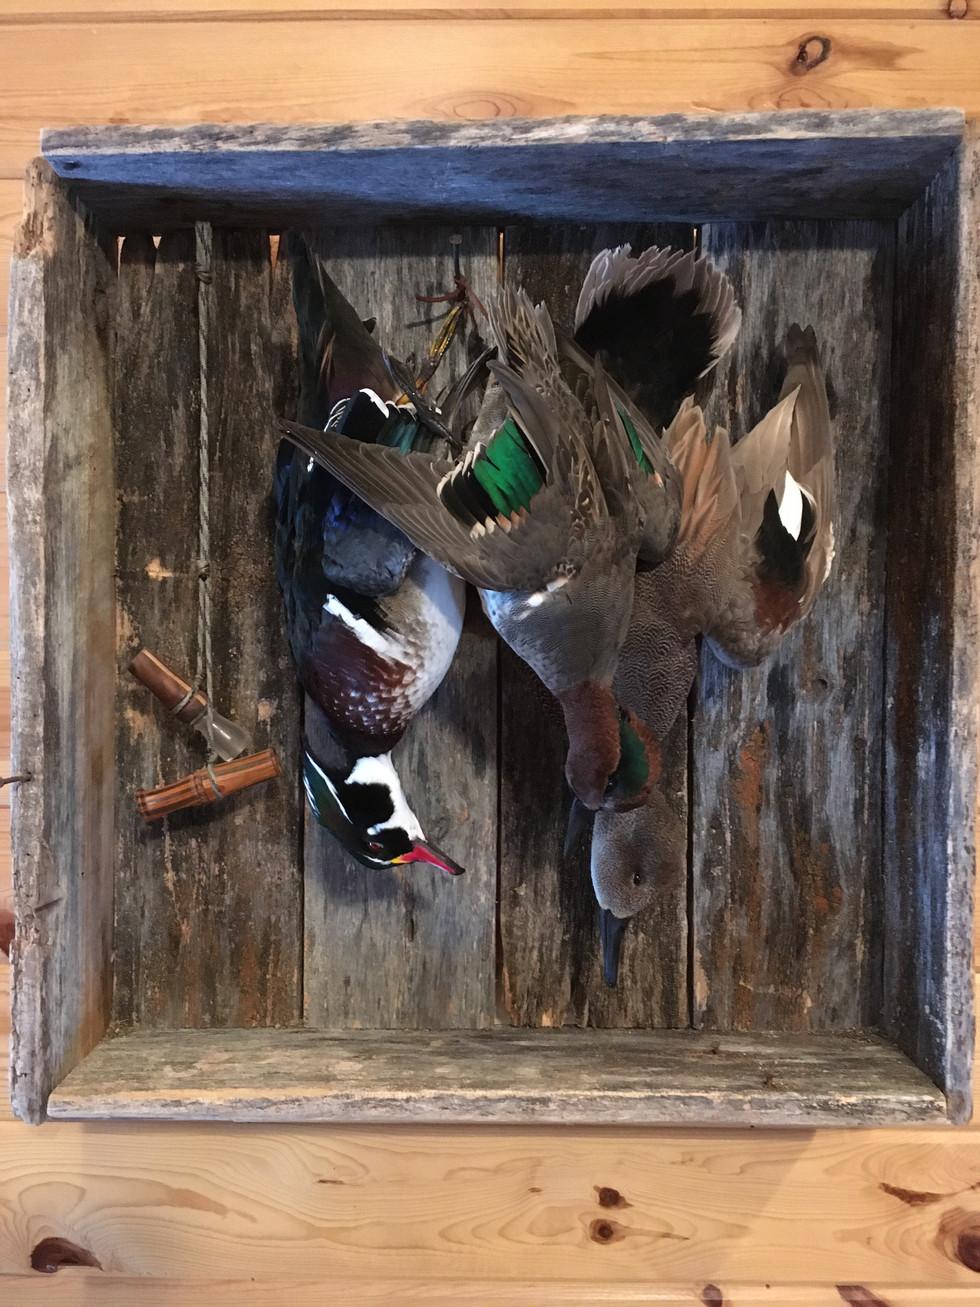 Wood, Teal Ducks